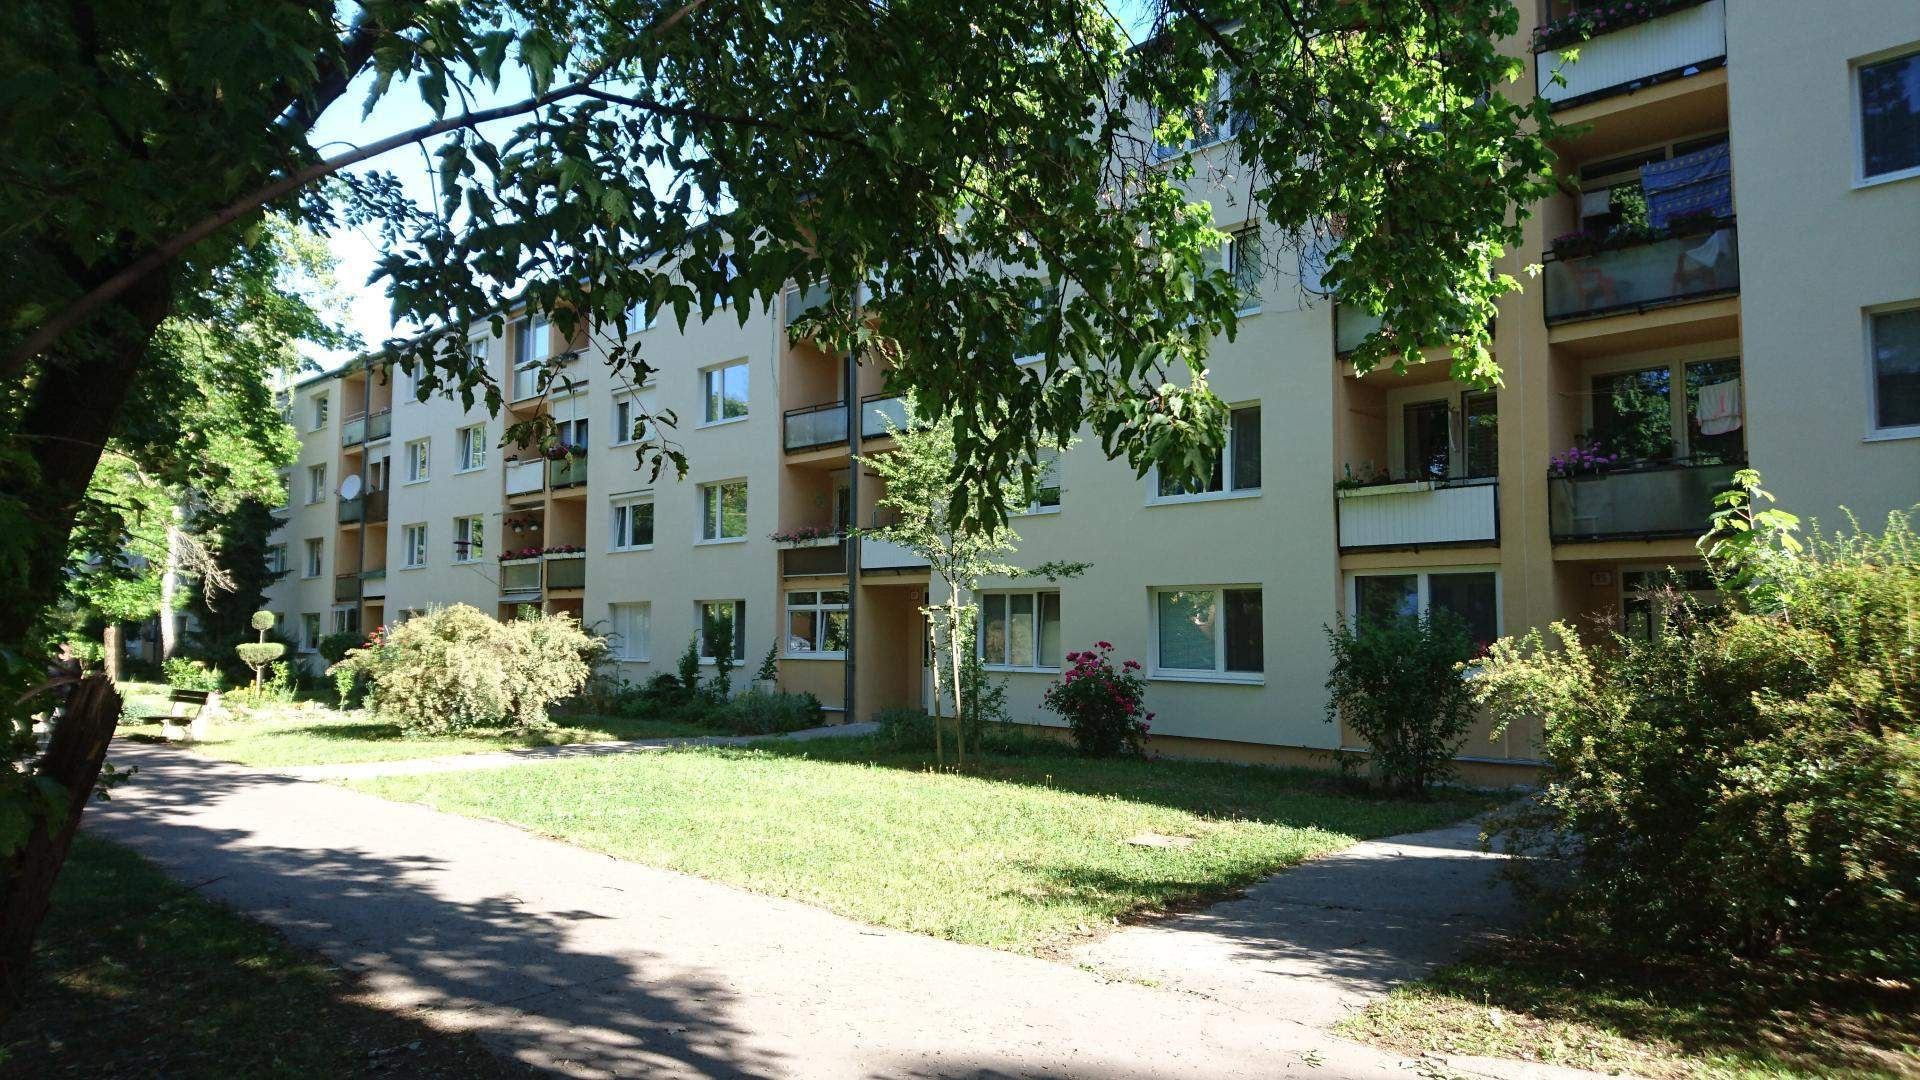 Predaj 3-izbového bytu na ul. A. Hlinku v Piešťanoch